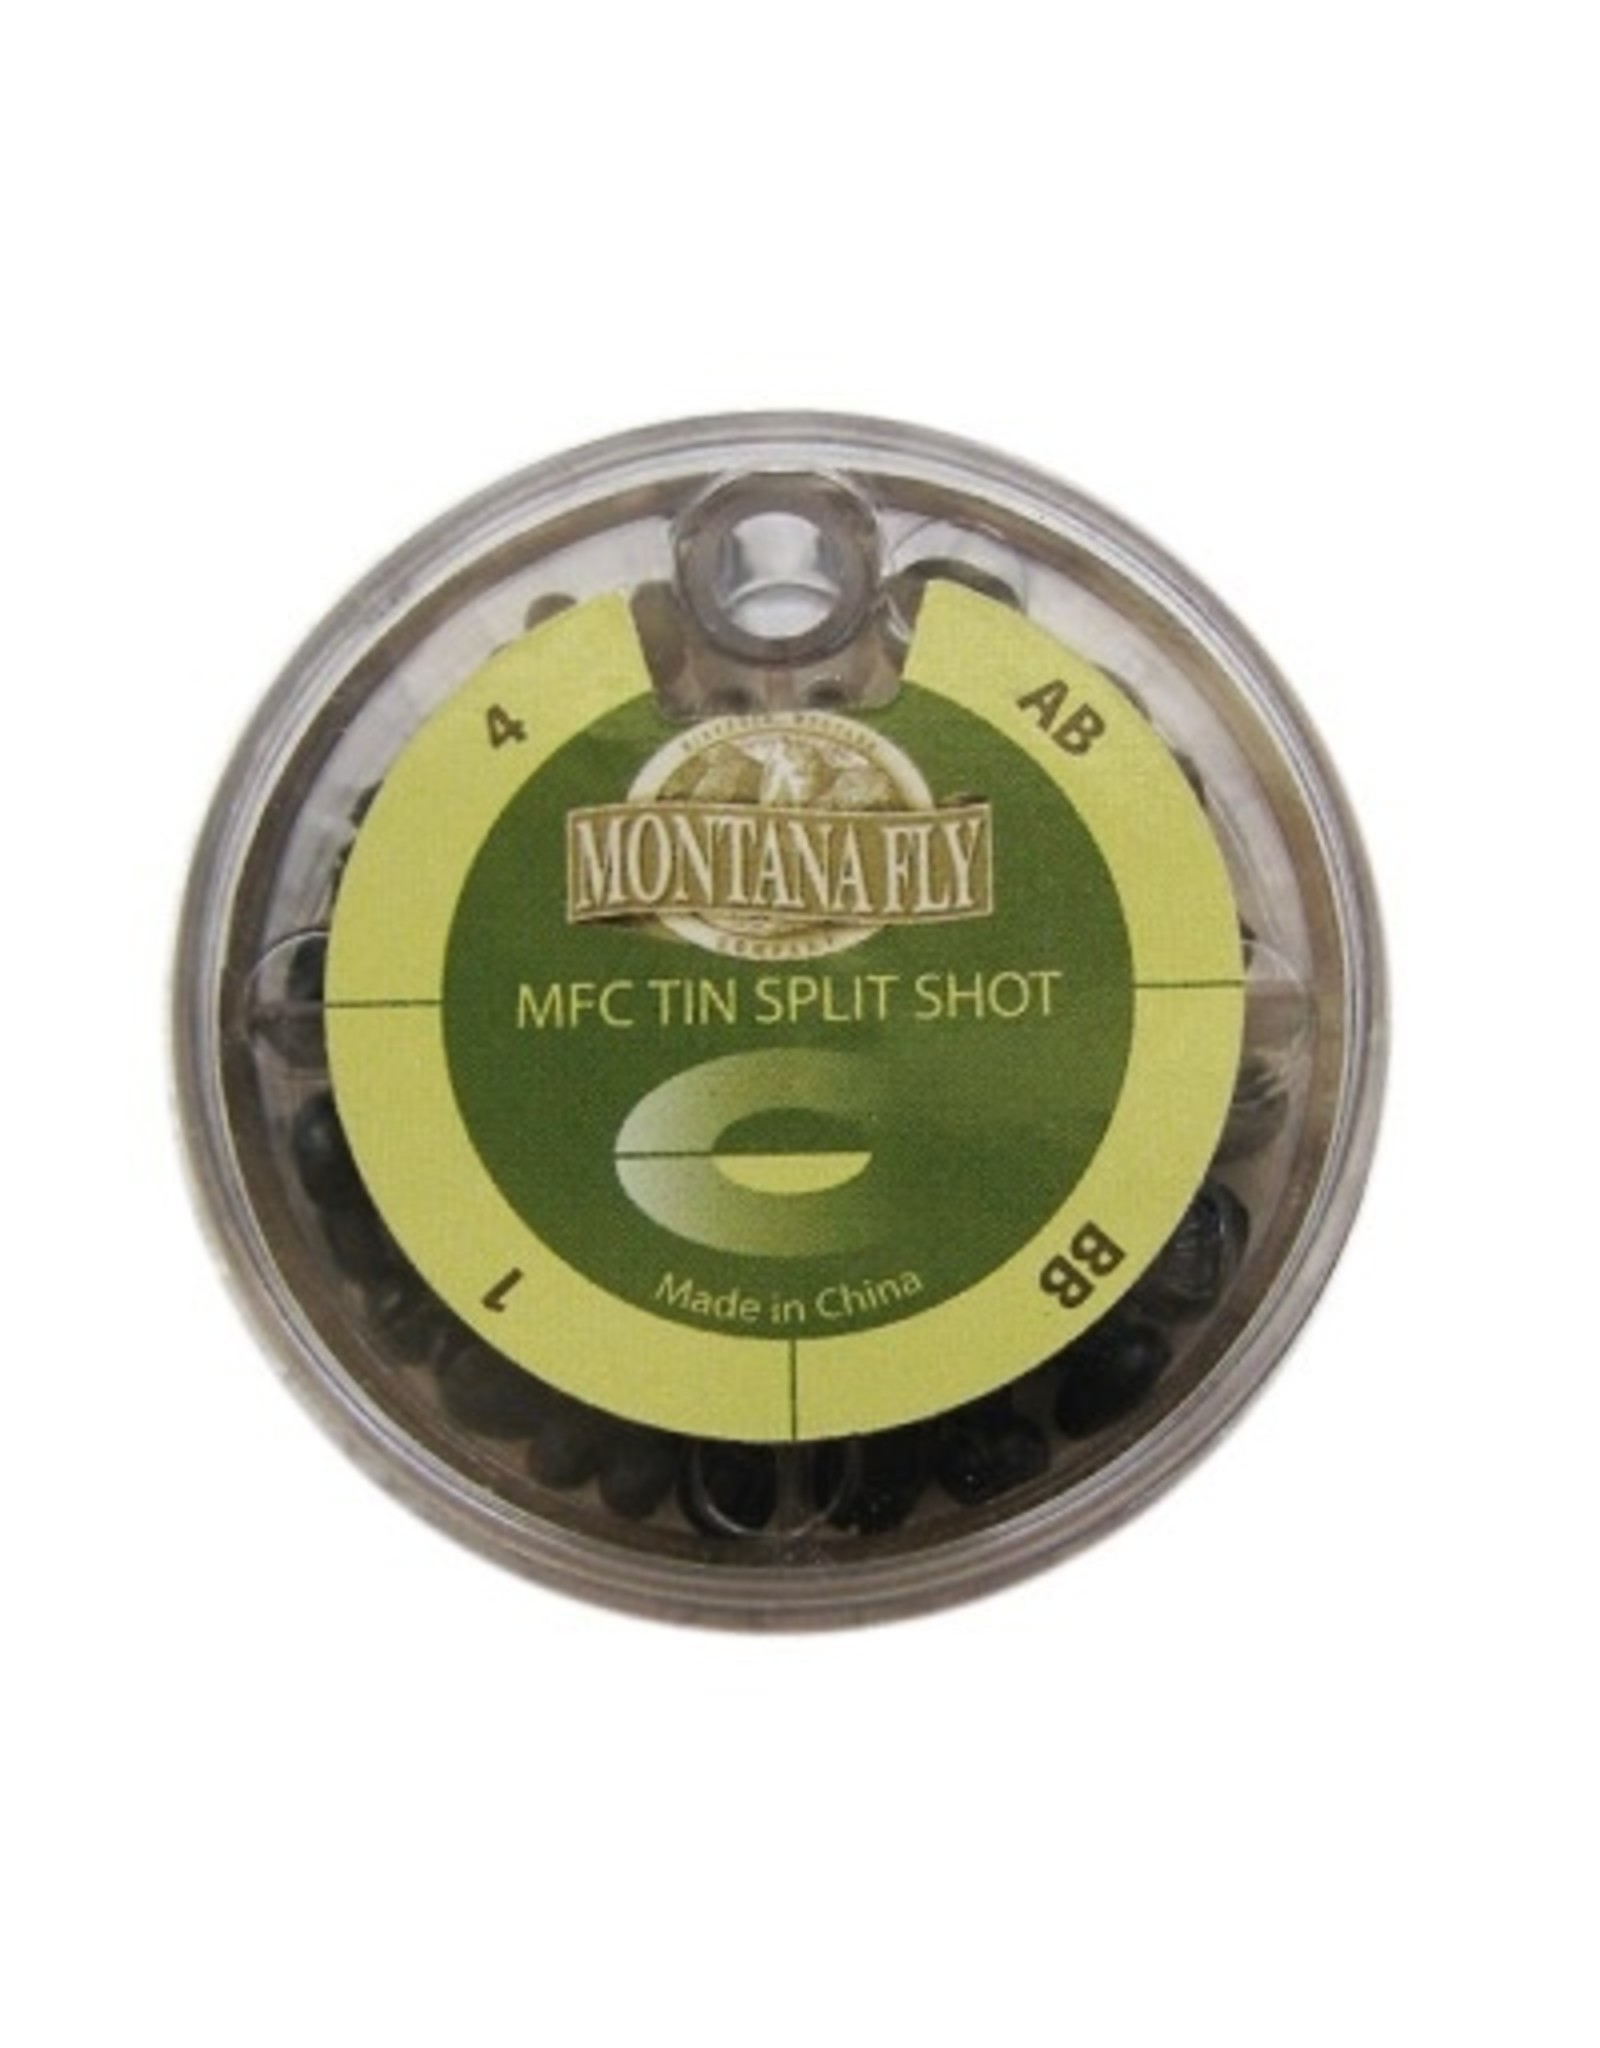 MFC MFC Tin Split Shot Assortment